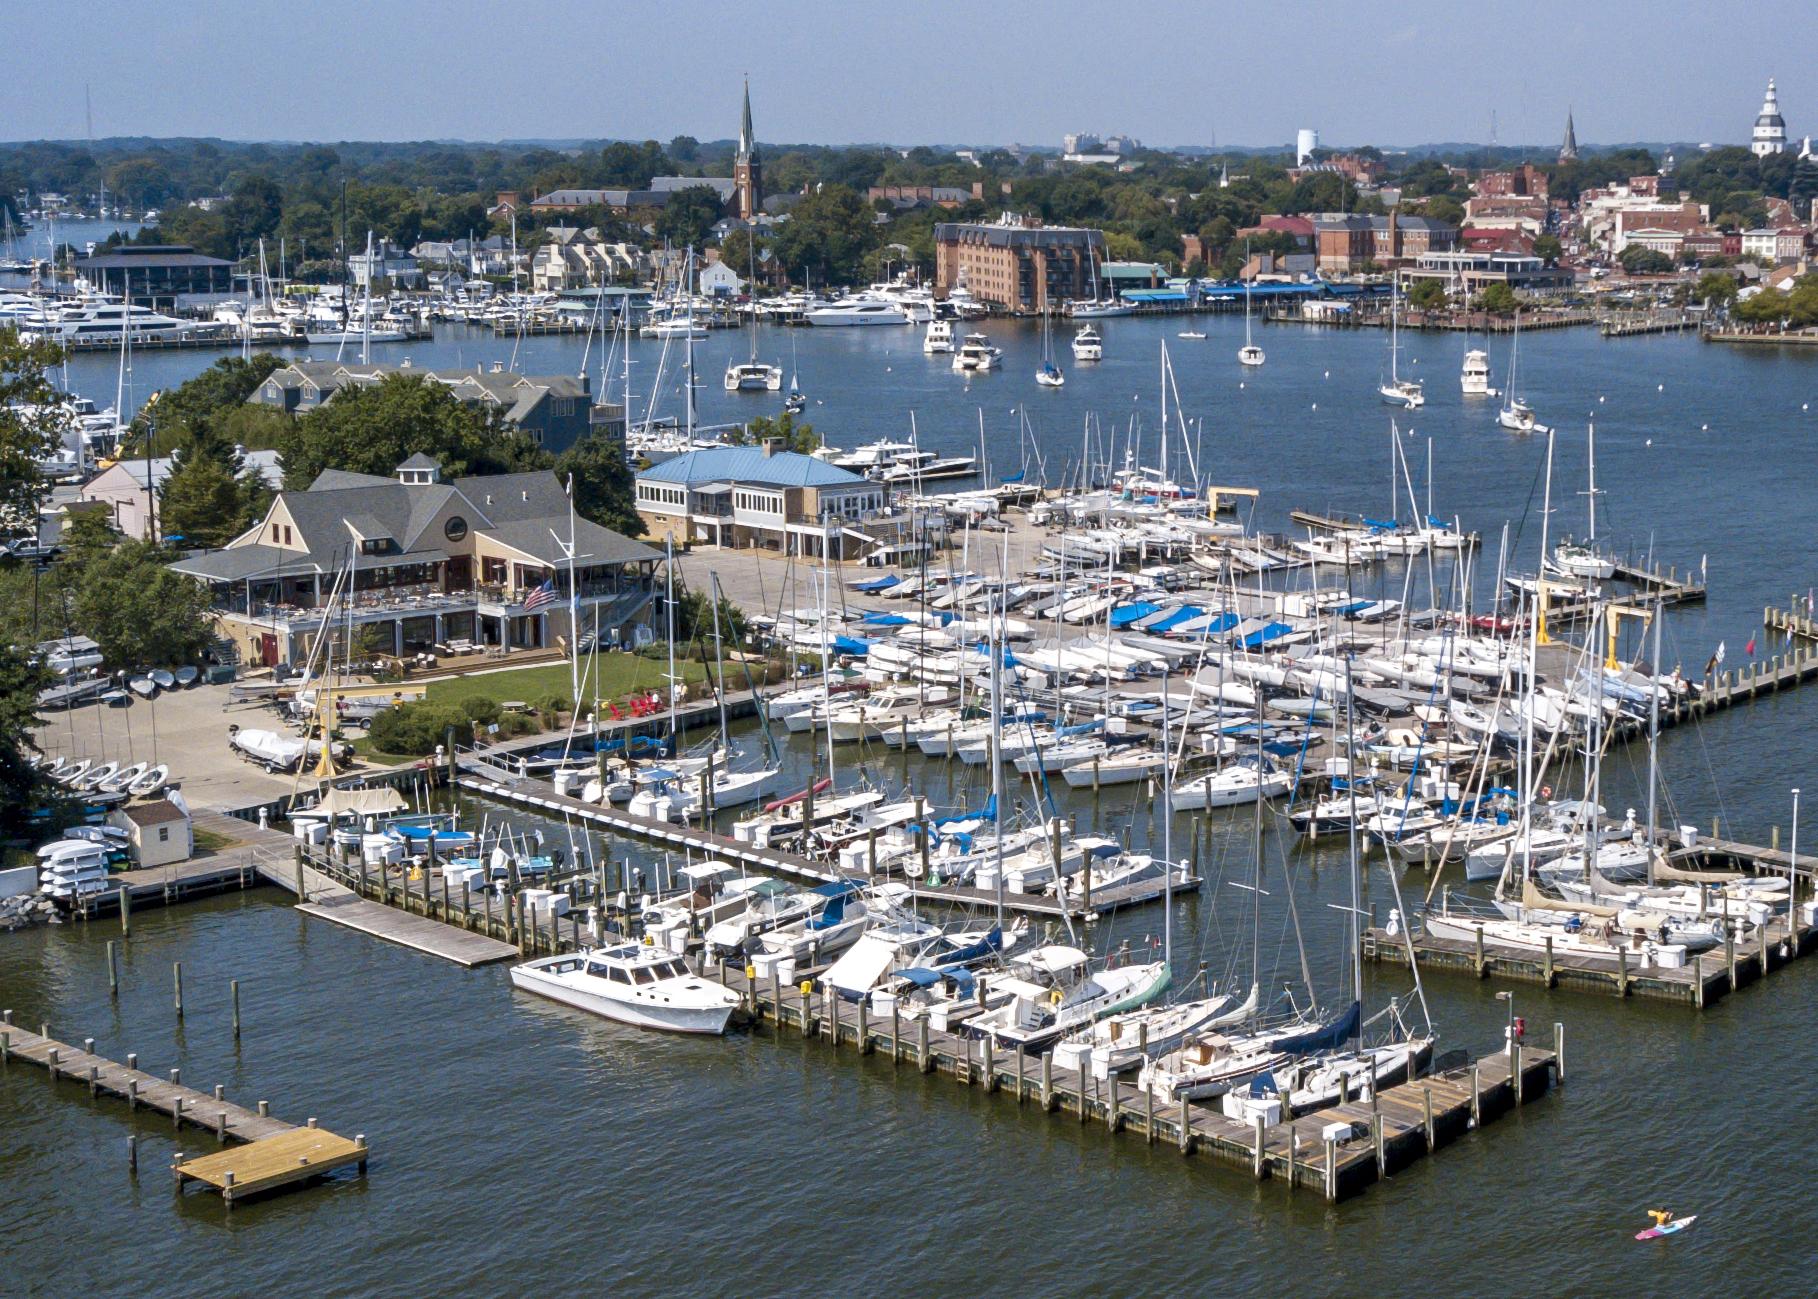 Eastport Yacht Club, Annapolis, MD